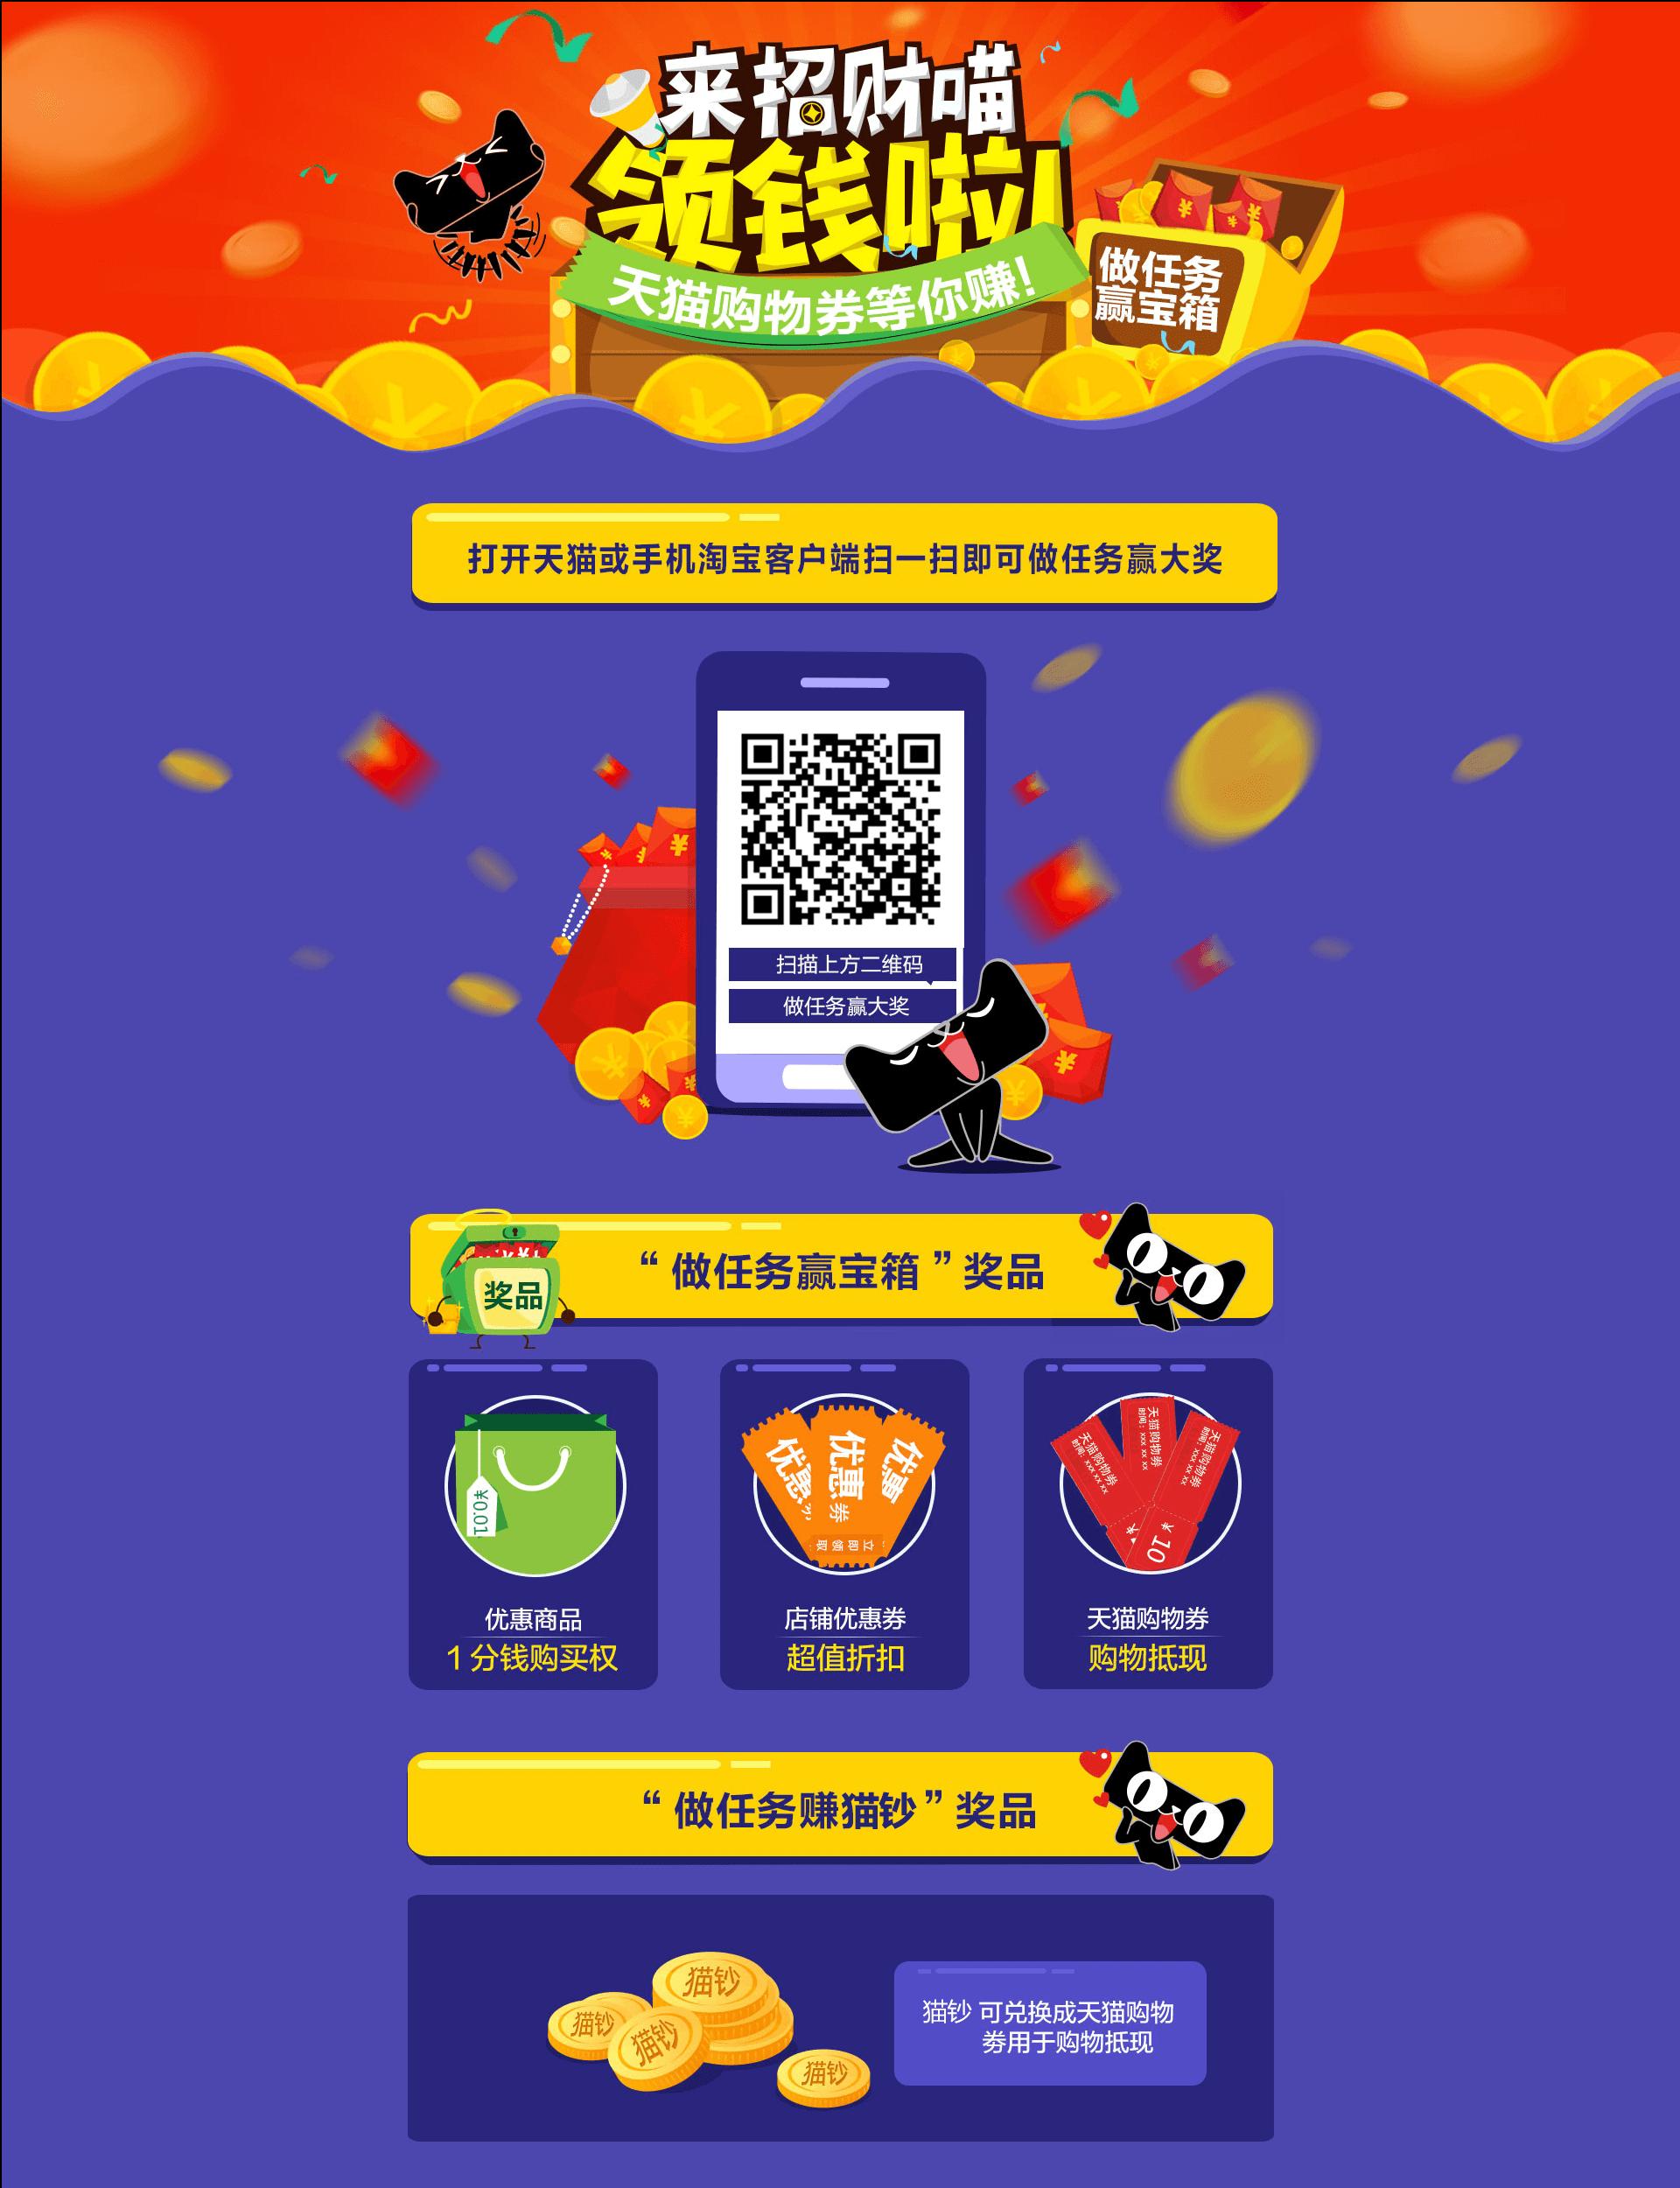 [天猫]招财喵做任务赢宝箱领天猫无限制券 - Luck4ever.Net